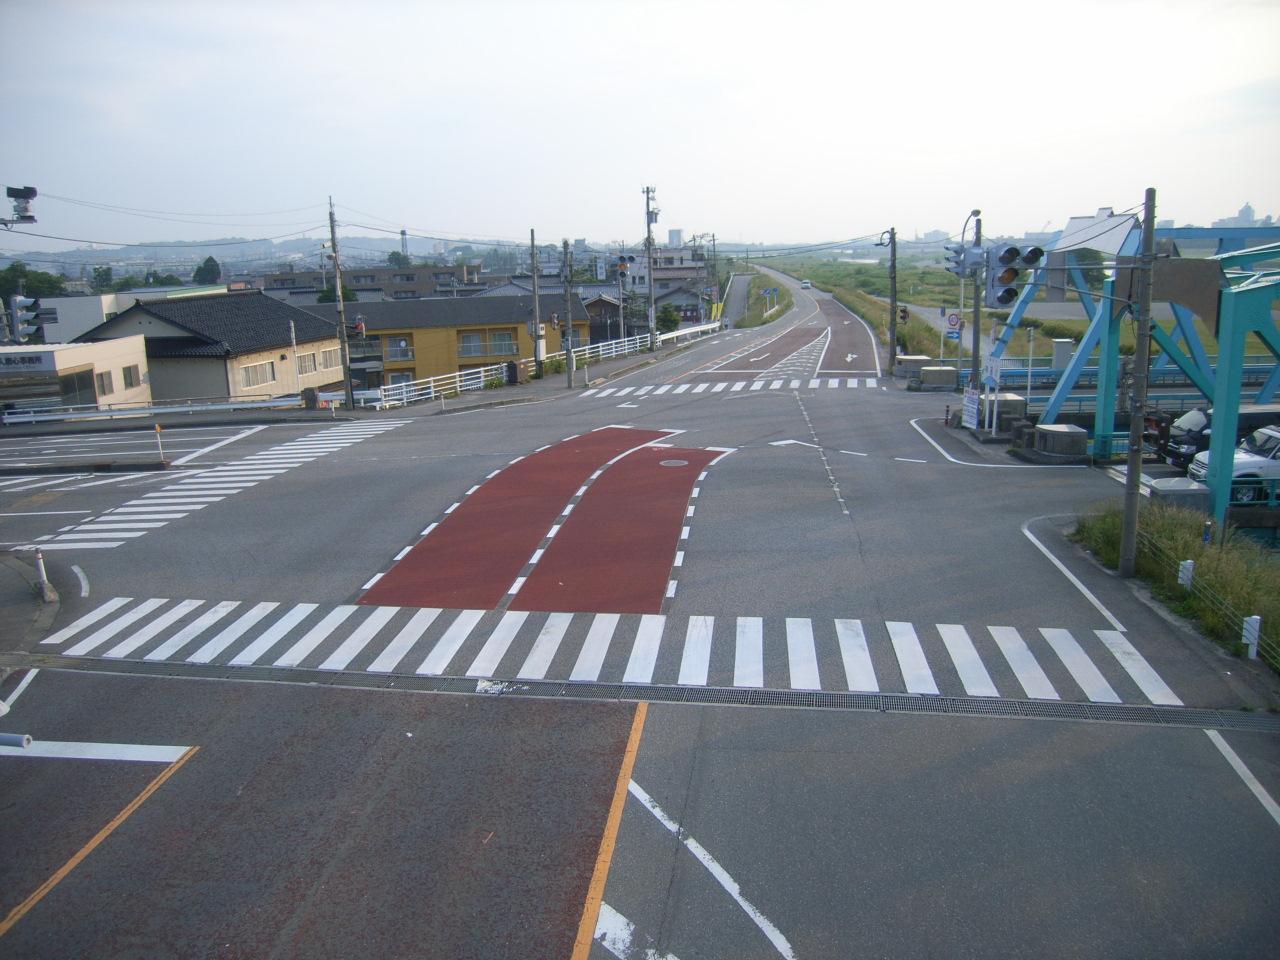 薄層カラー舗装(滑り止め)・路面カラー化 施工事例9